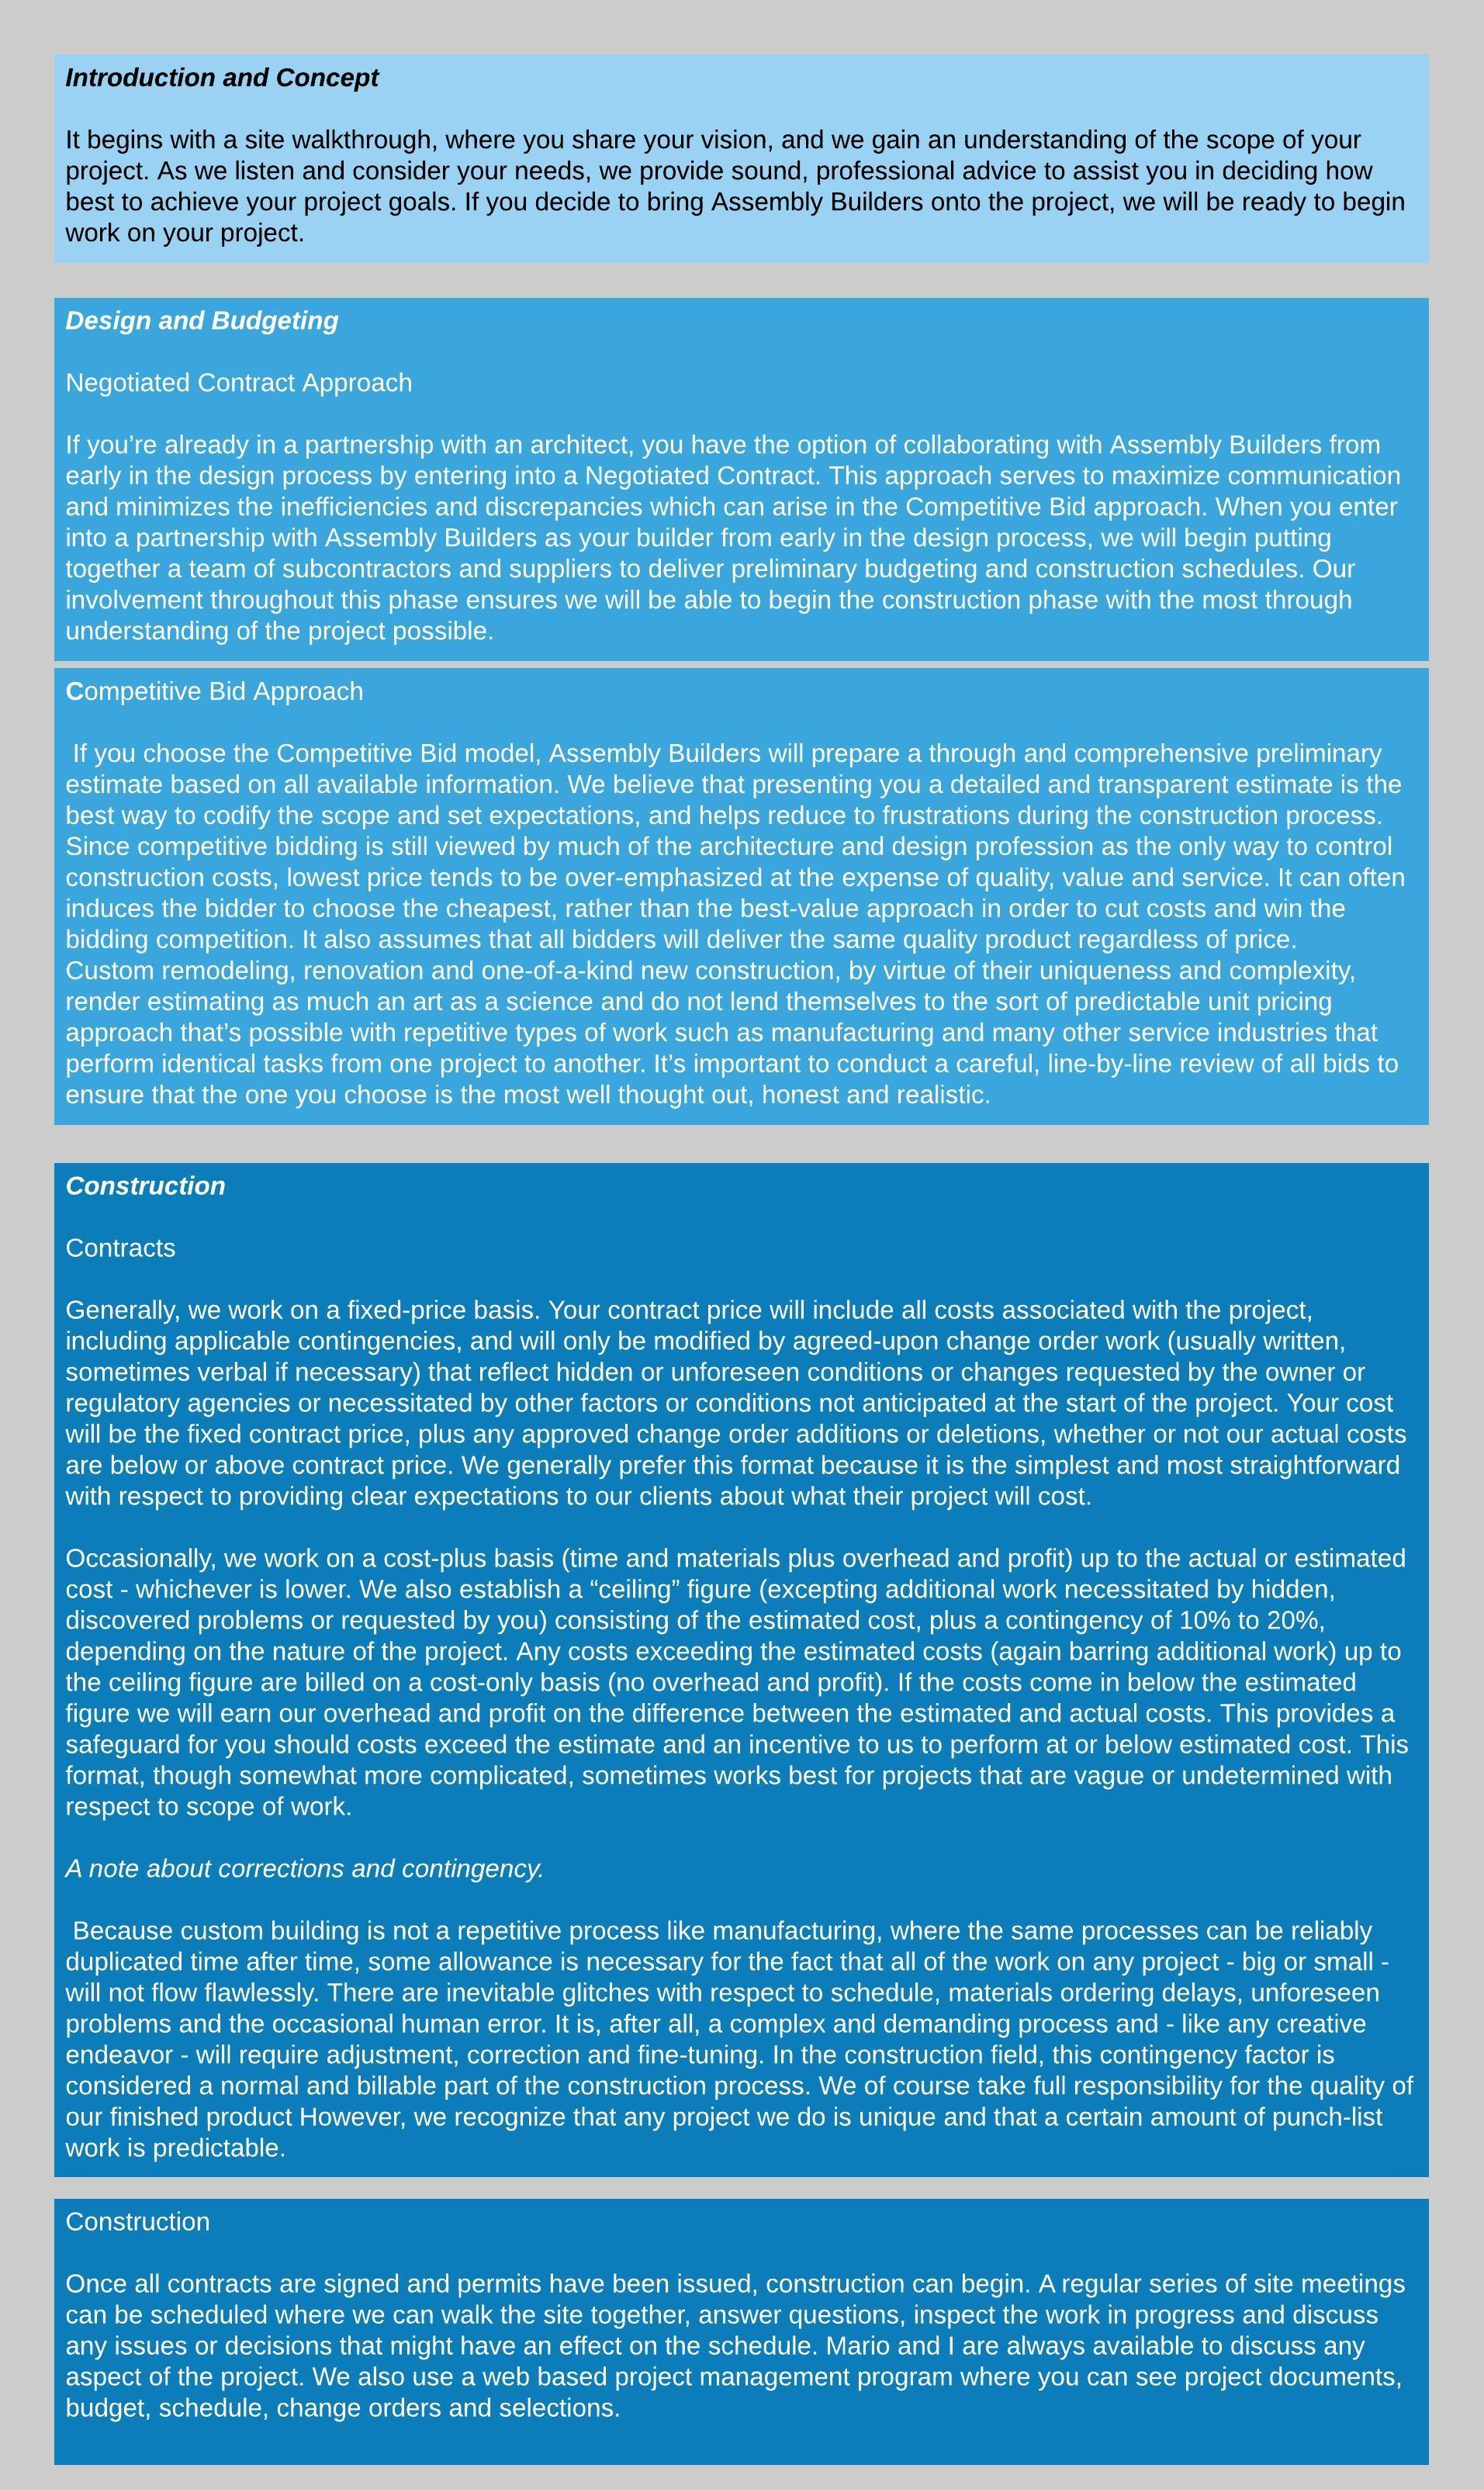 Work process flow chart - Page 2-3.jpeg